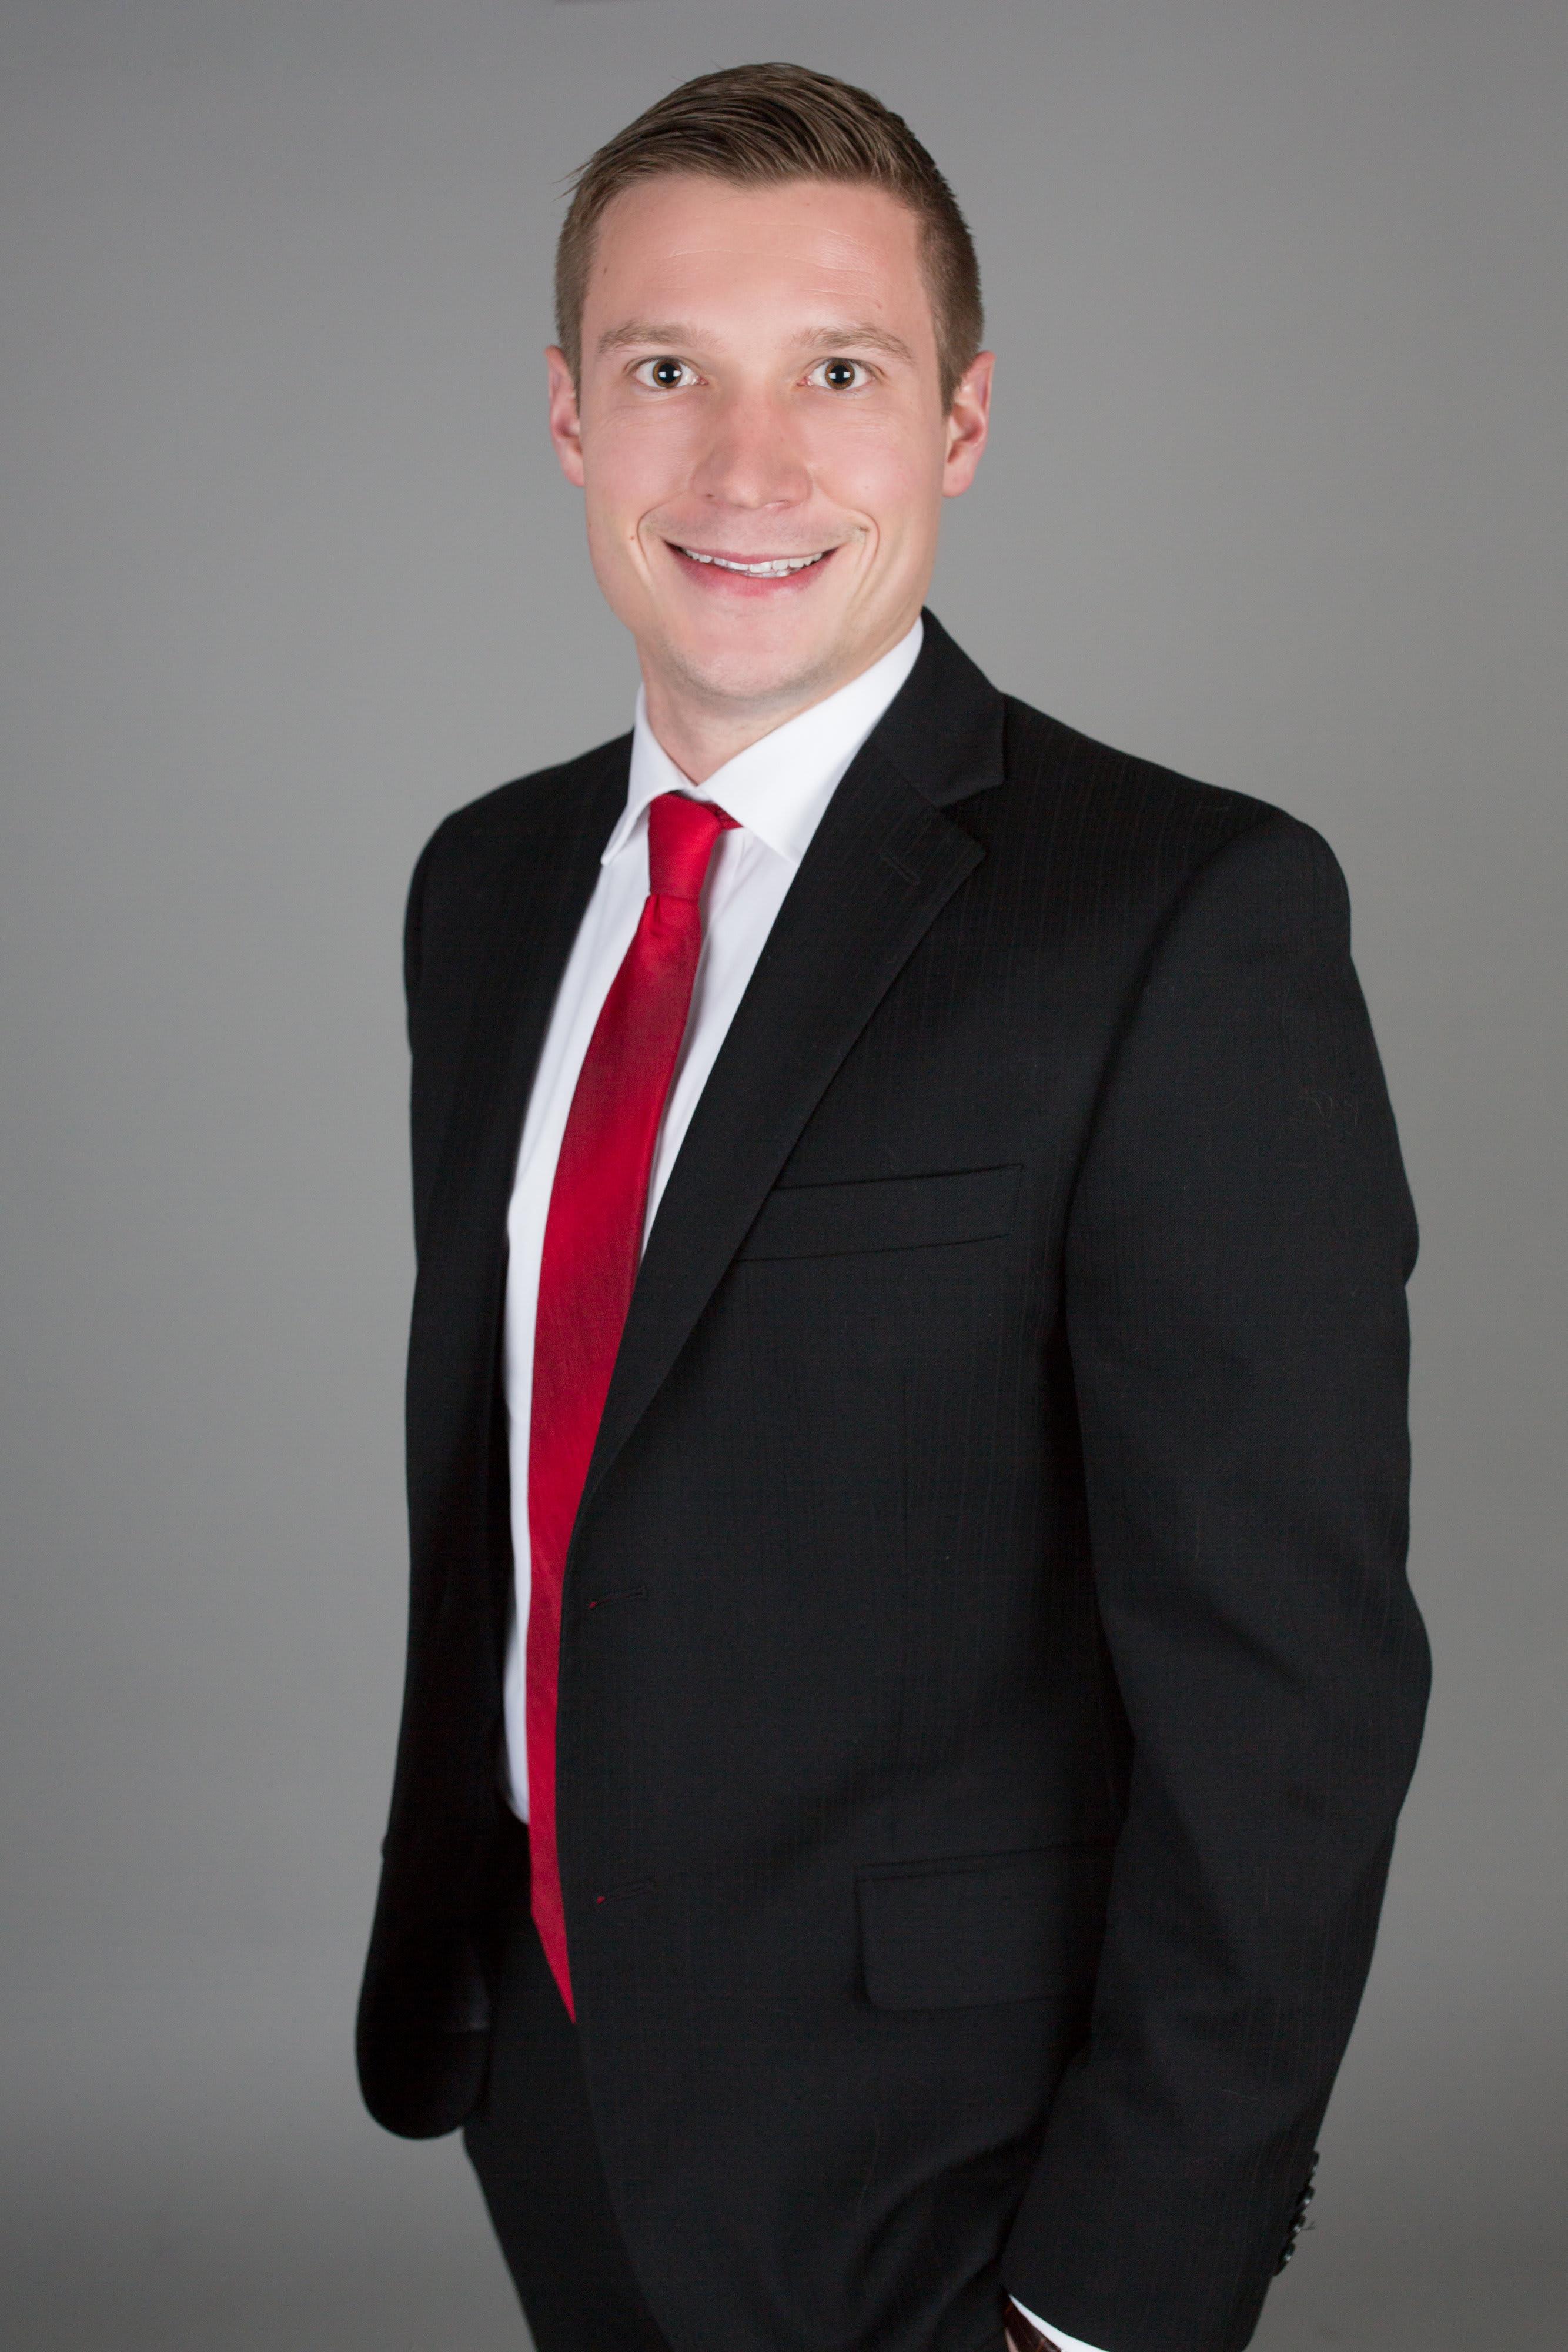 Daniel Zastowny